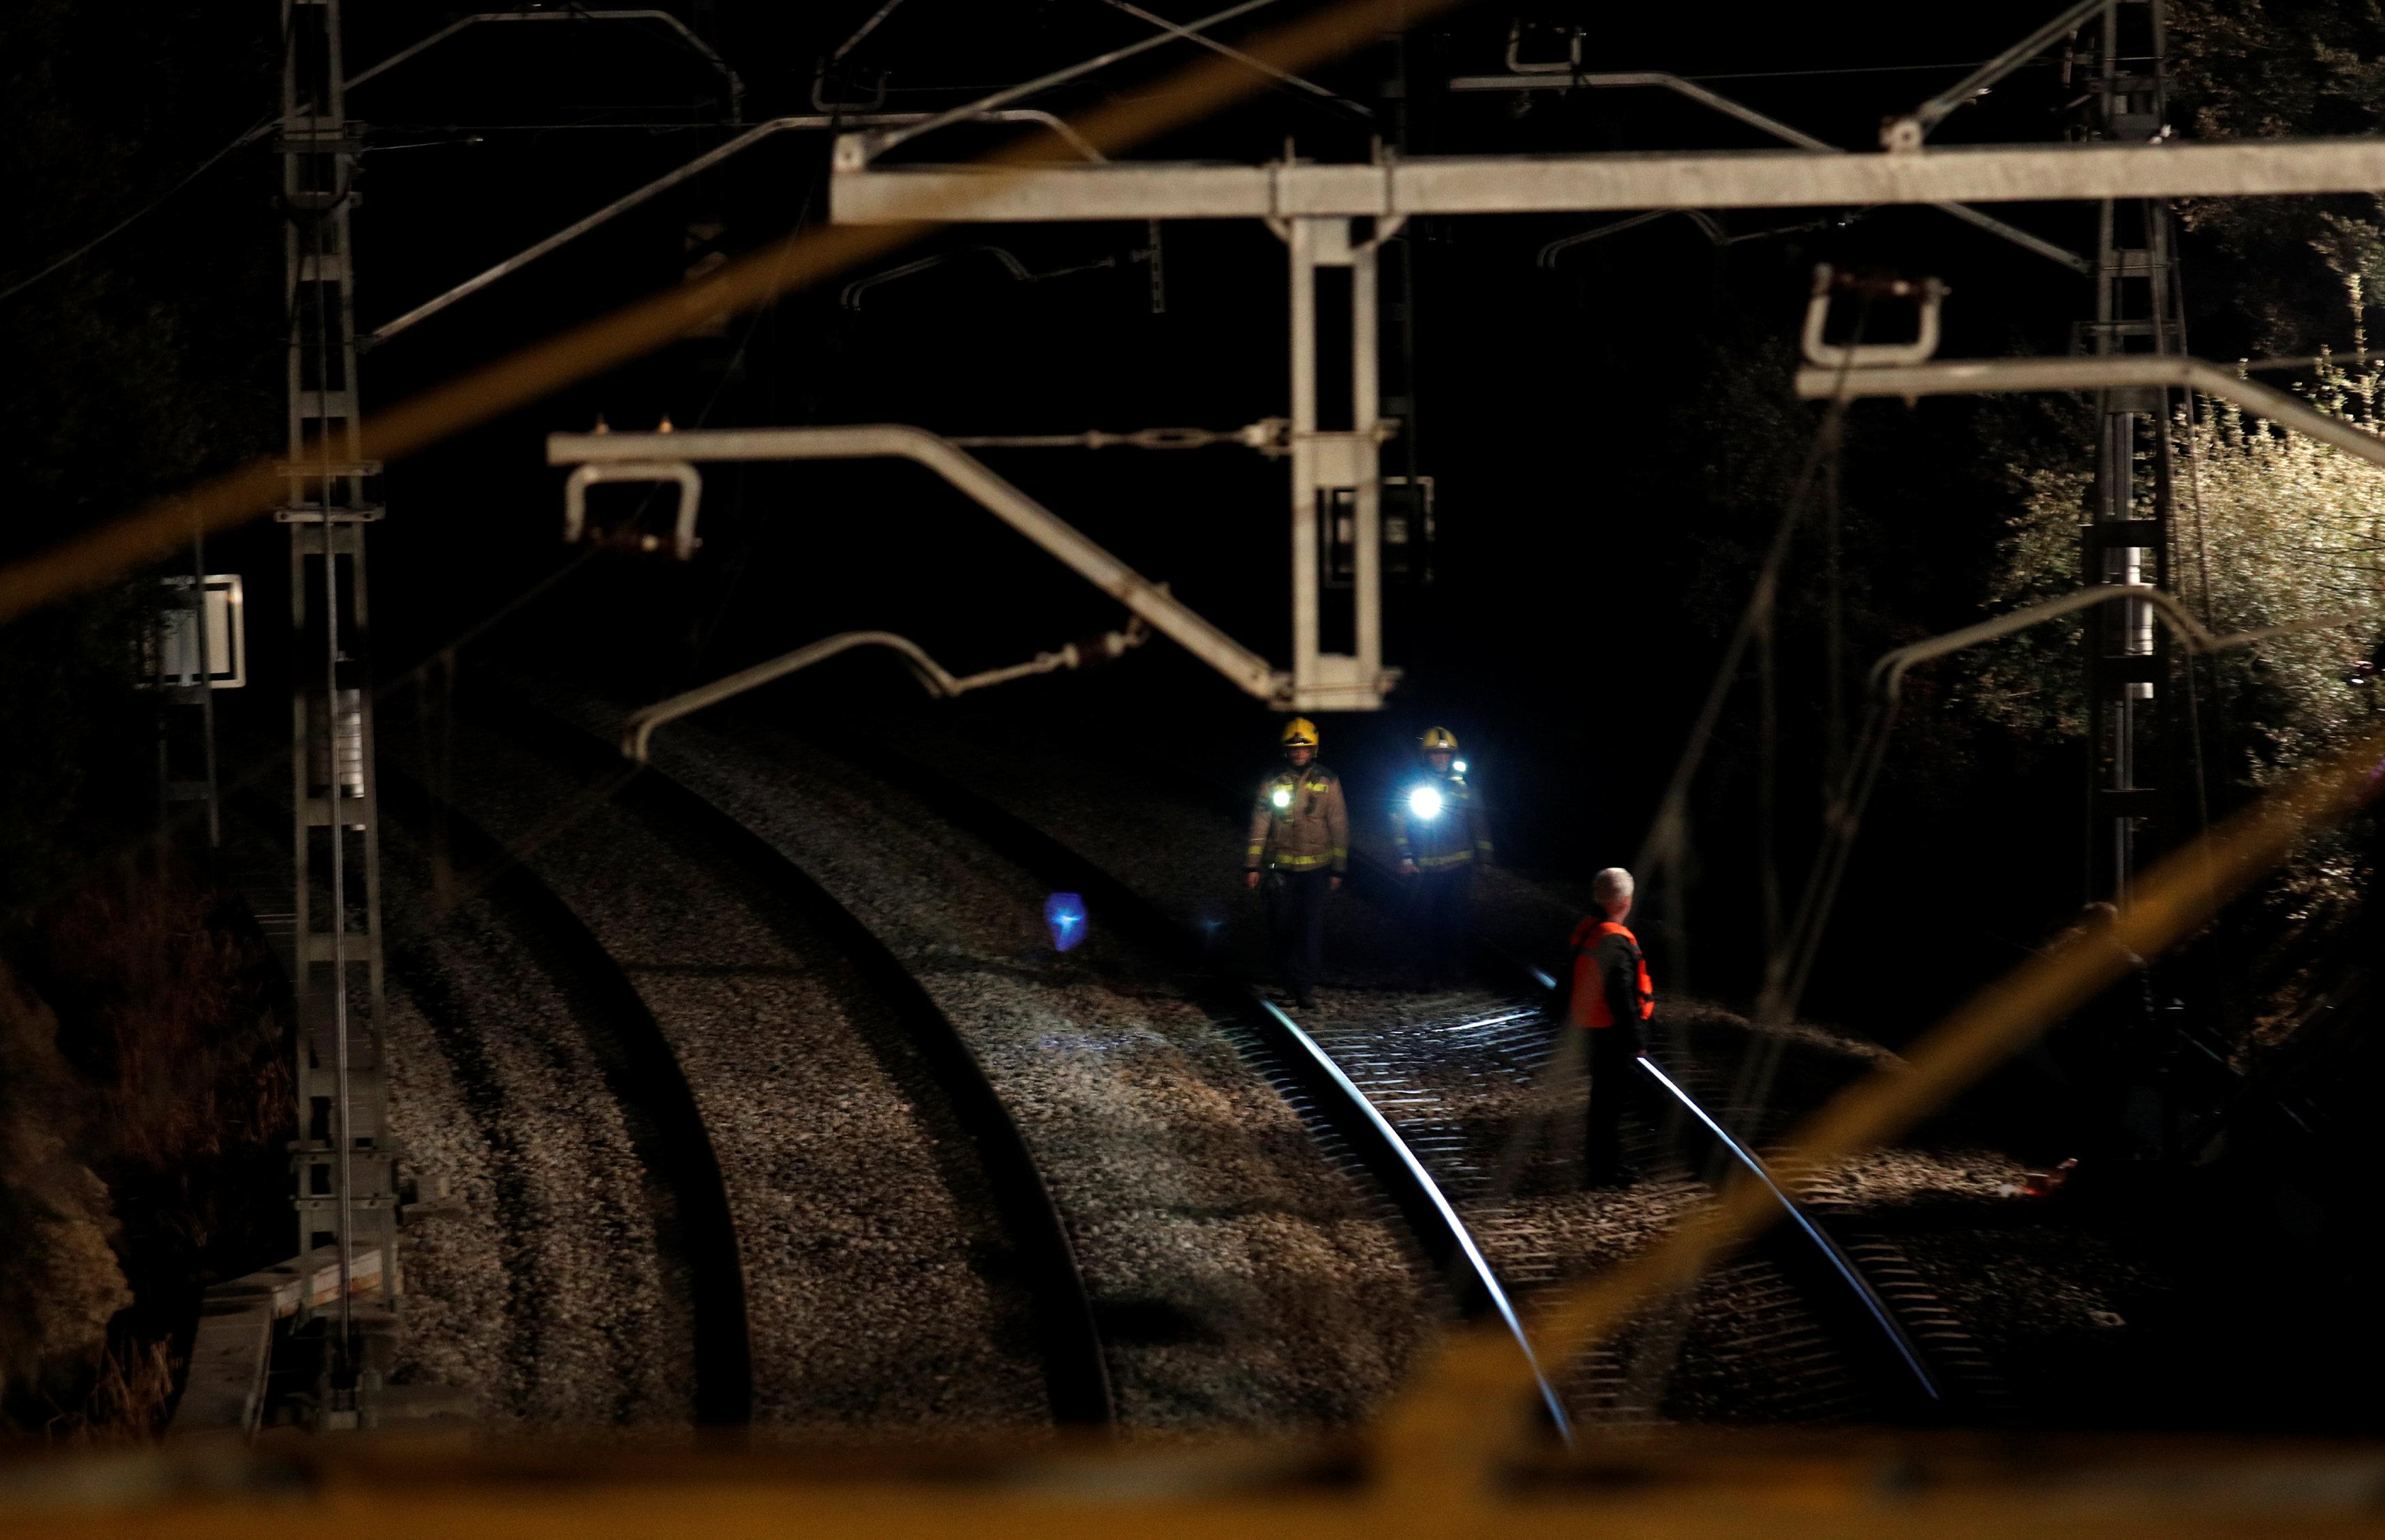 حادث تصادم قطارين بإسبانيا (1)